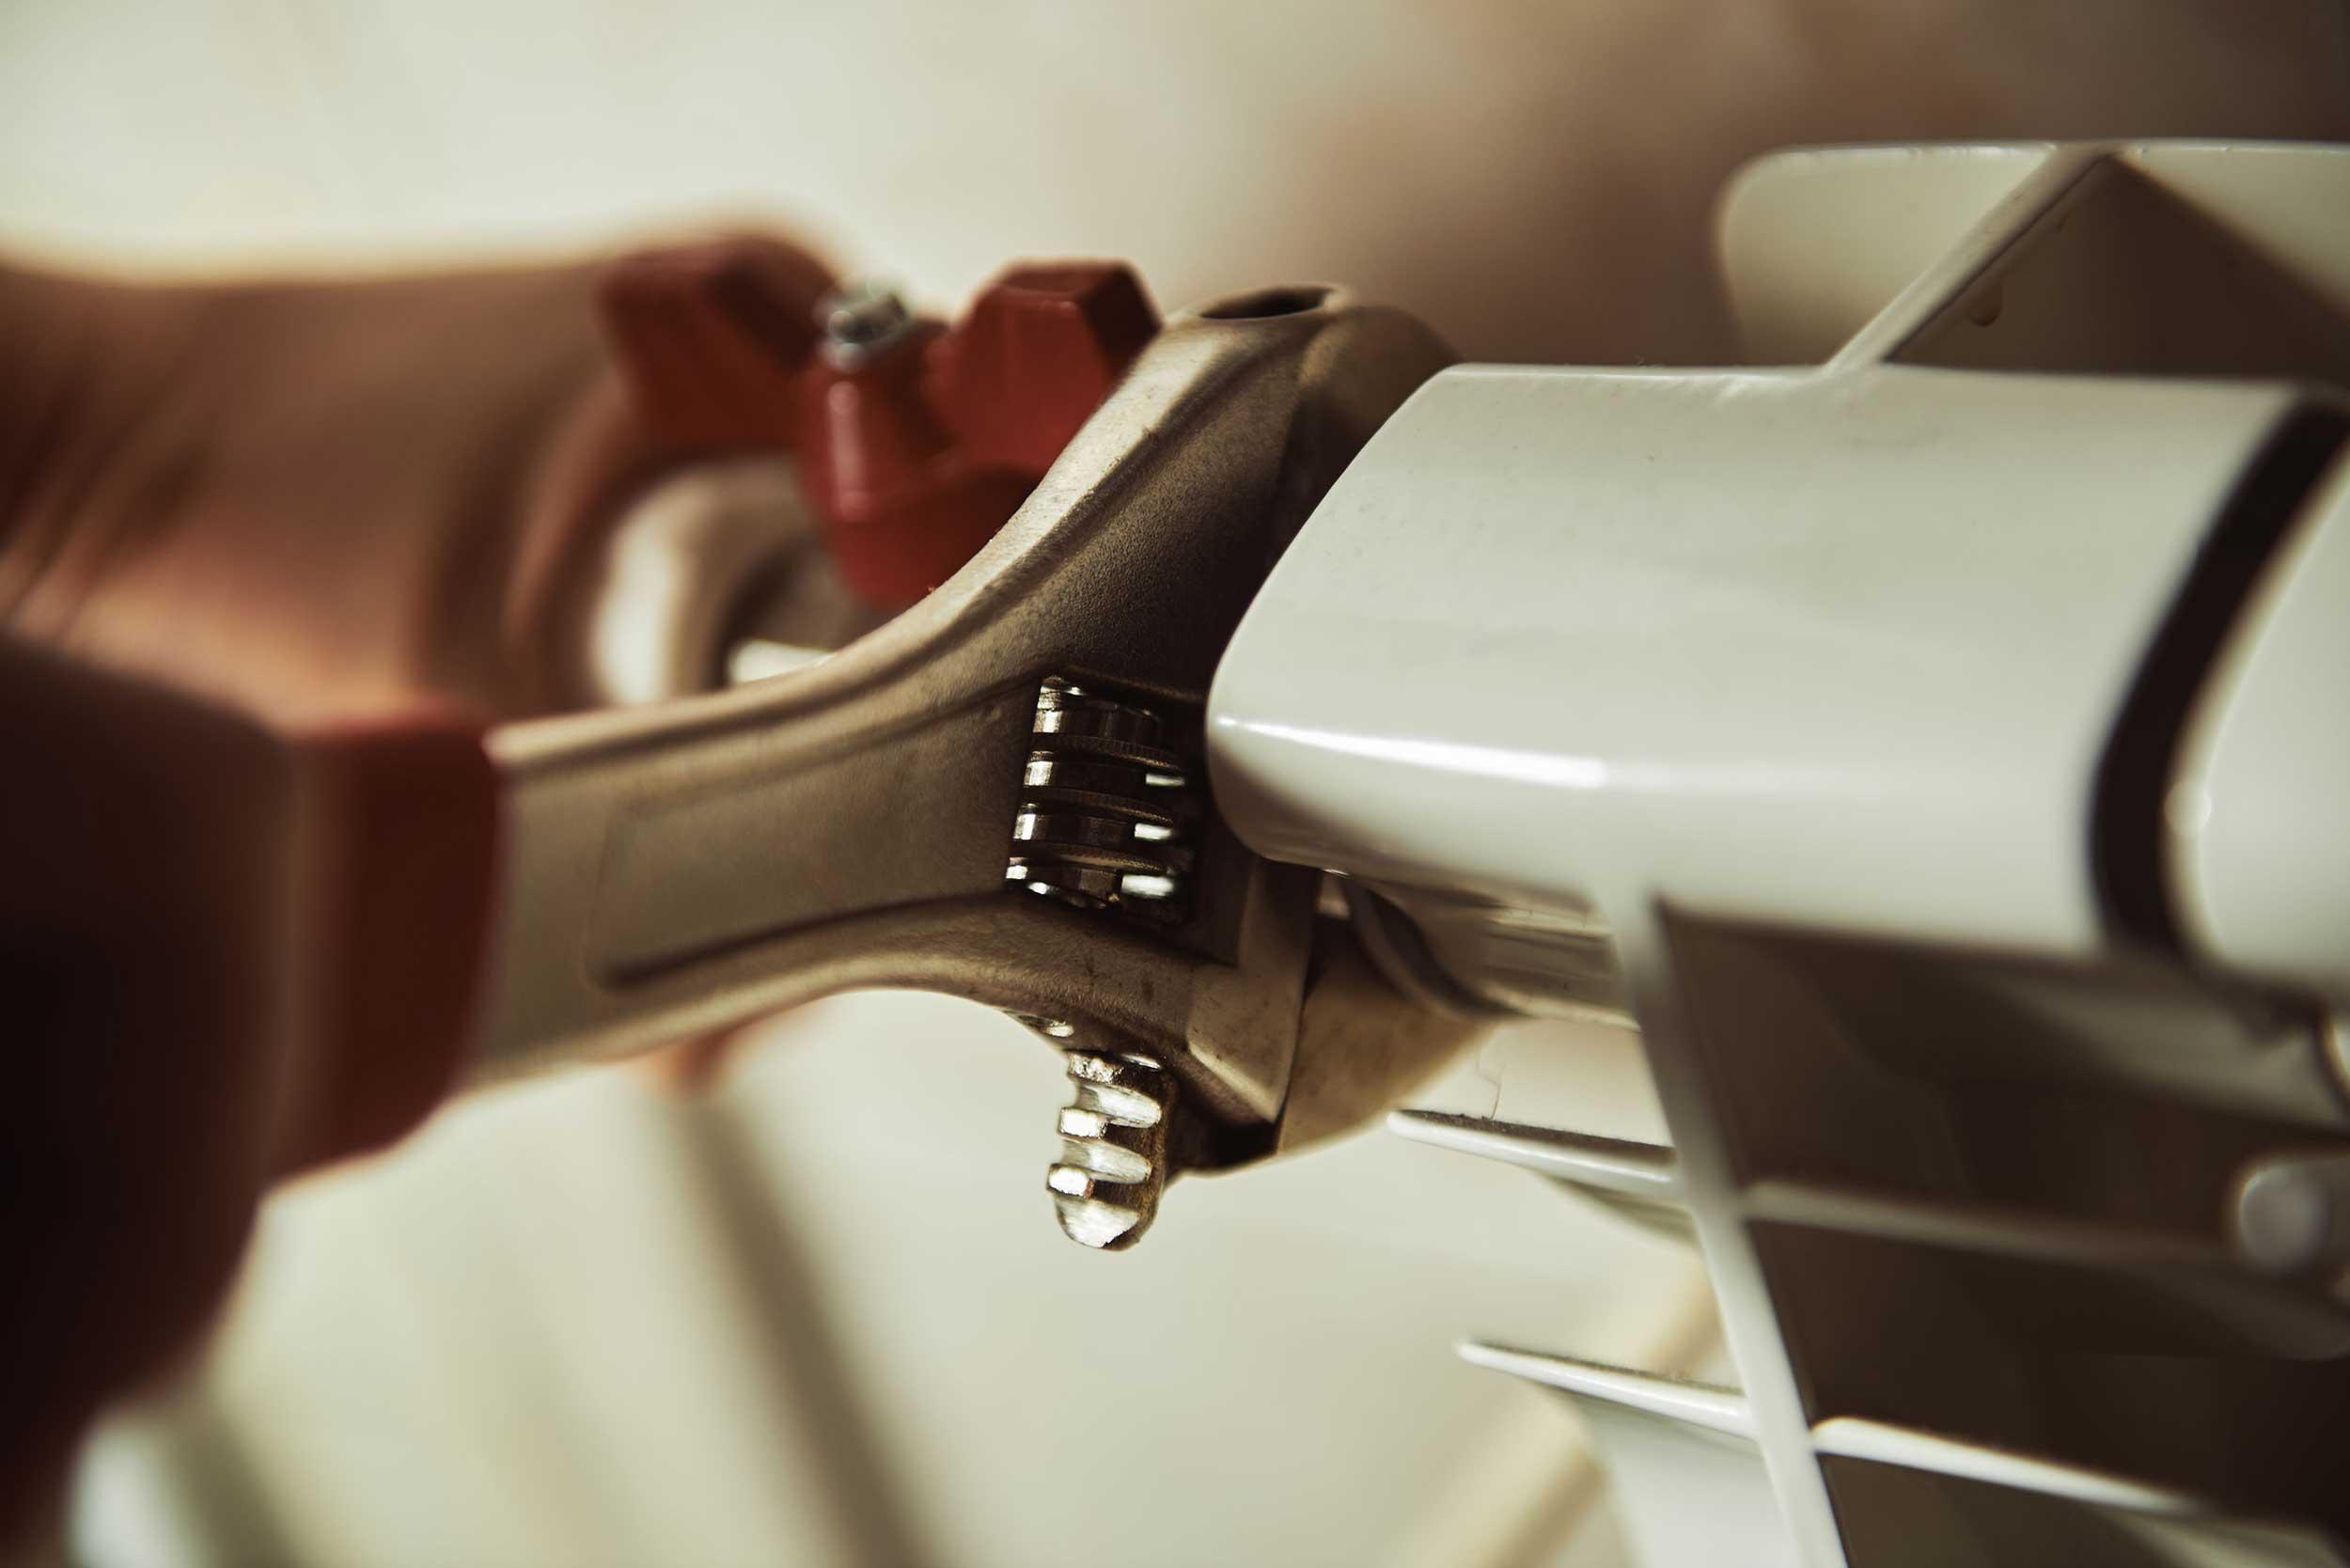 Emergency boiler and plumbing repairs, plus fast turnaround boiler replacement.